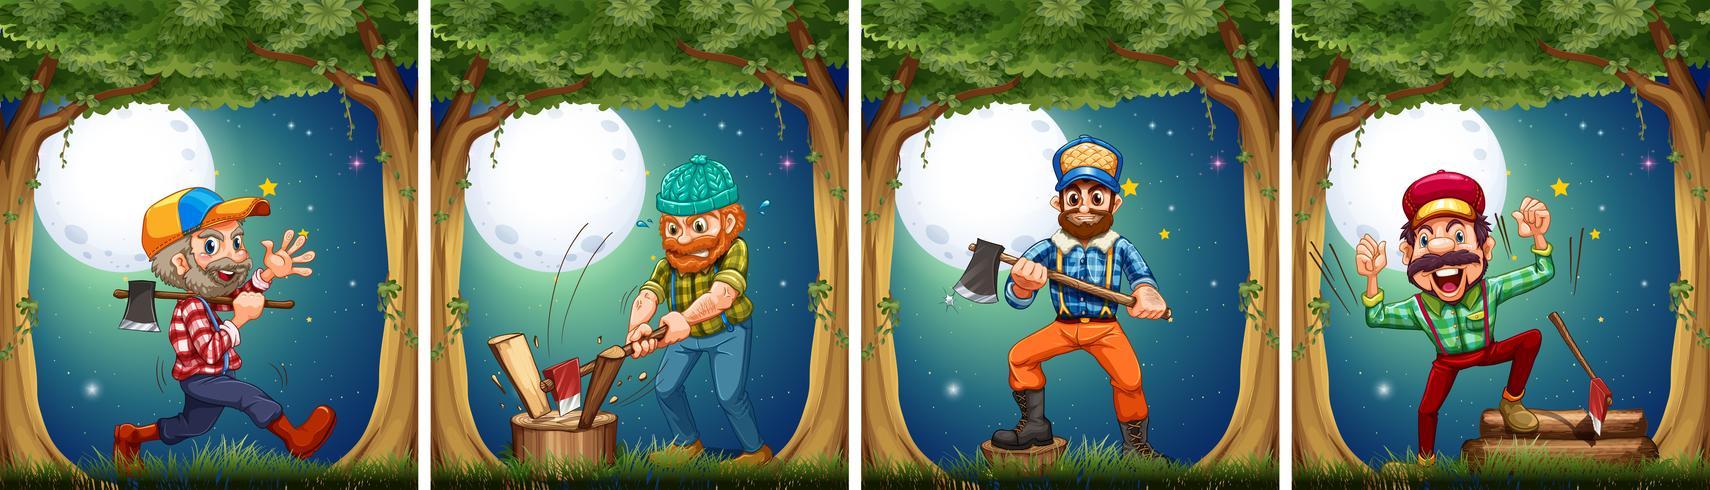 Lumbers couper du bois la nuit vecteur